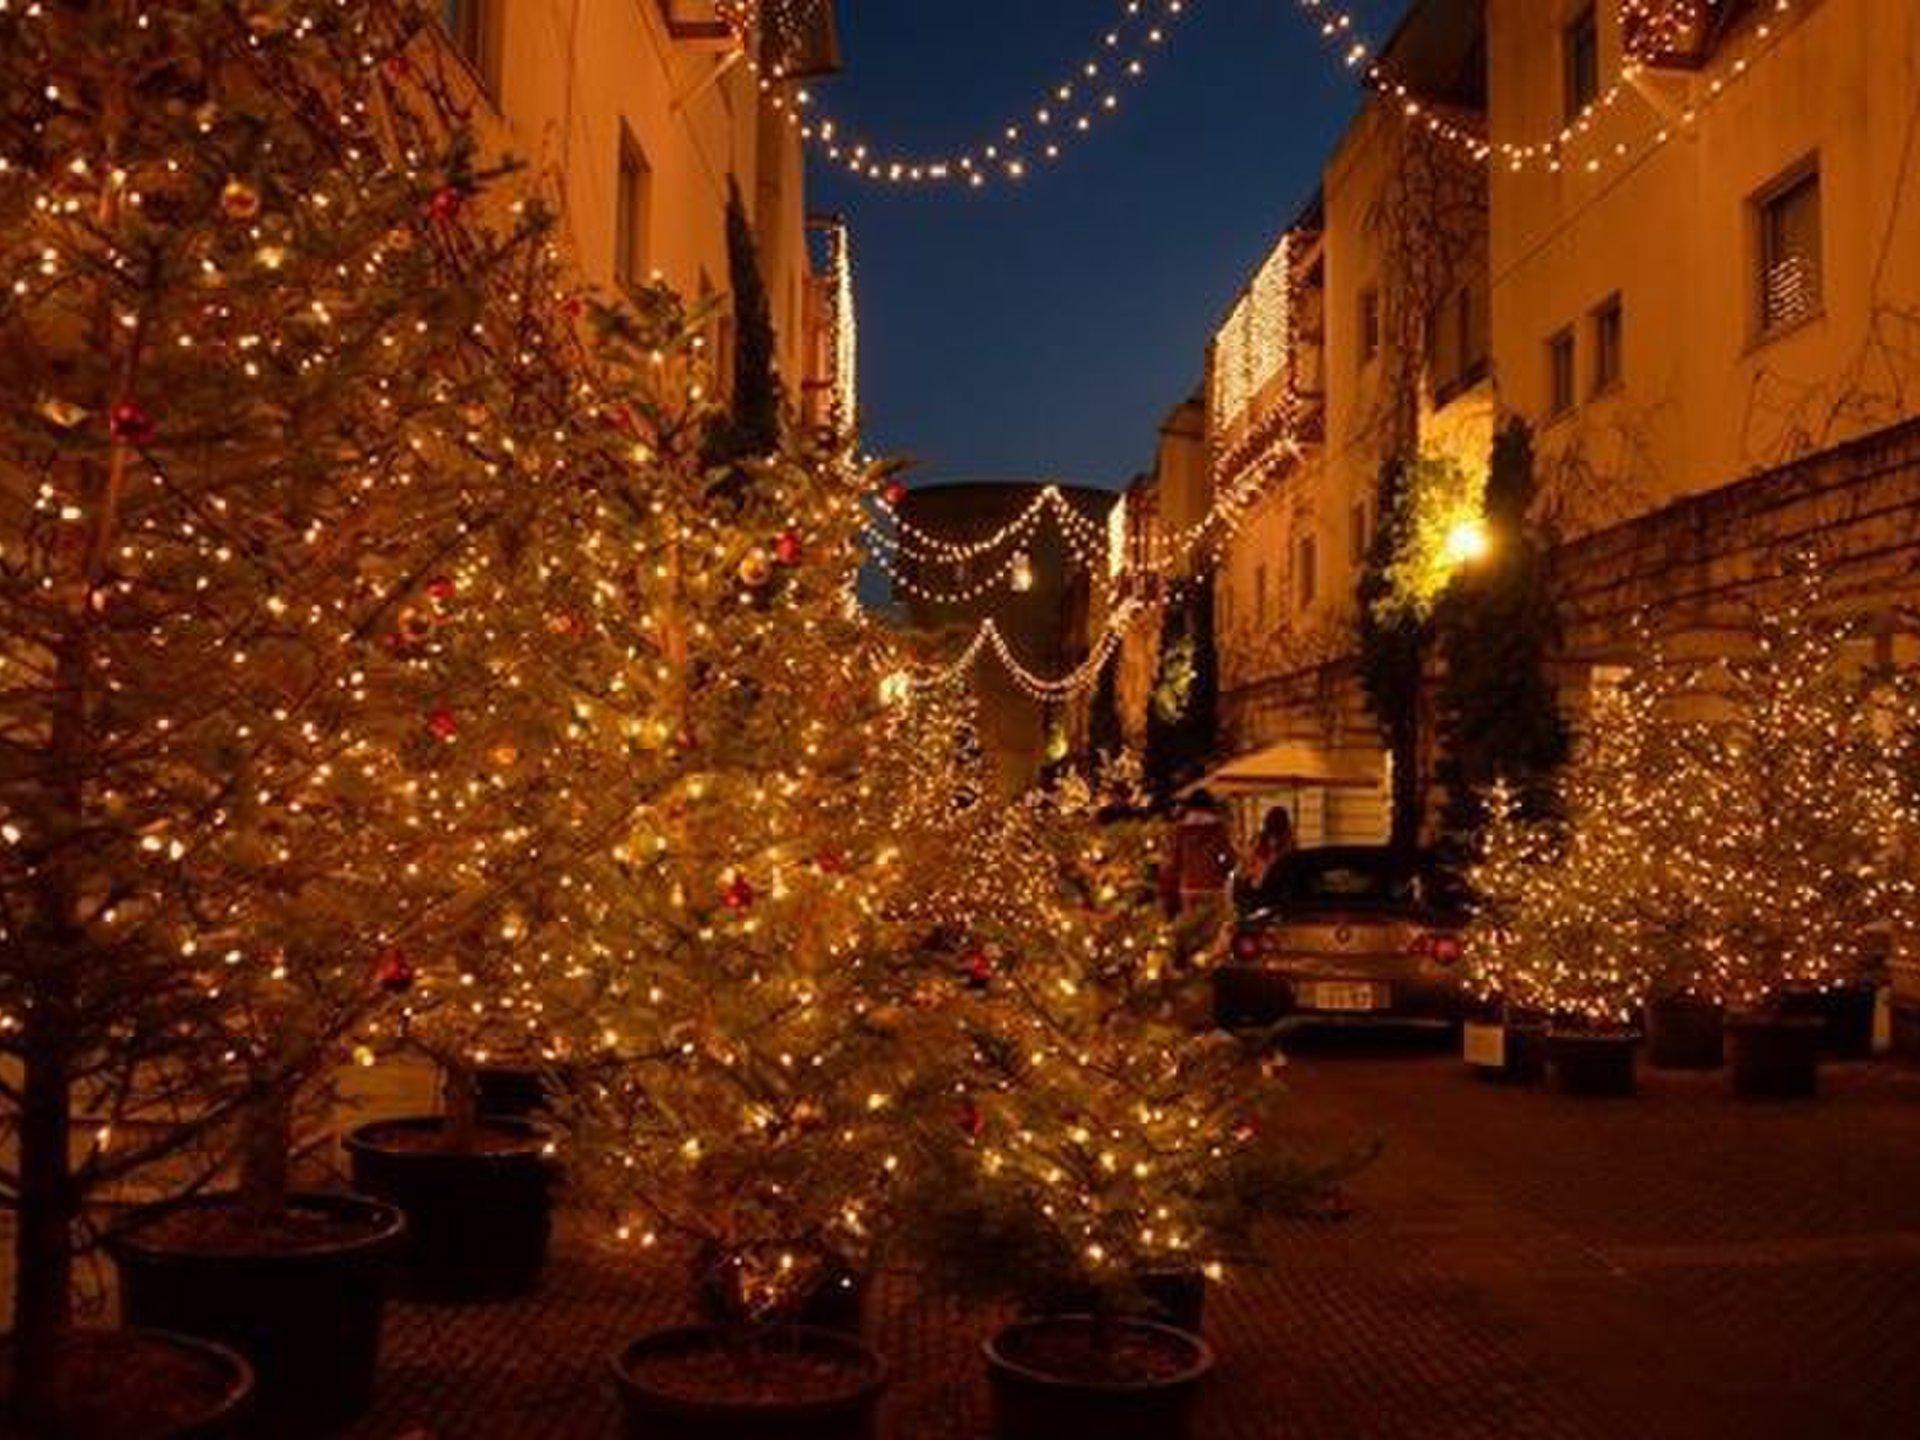 クリスマスならではの絶景イルミネーションを満喫!リゾナーレ八ヶ岳で過ごすクリスマスお泊りデートプラン